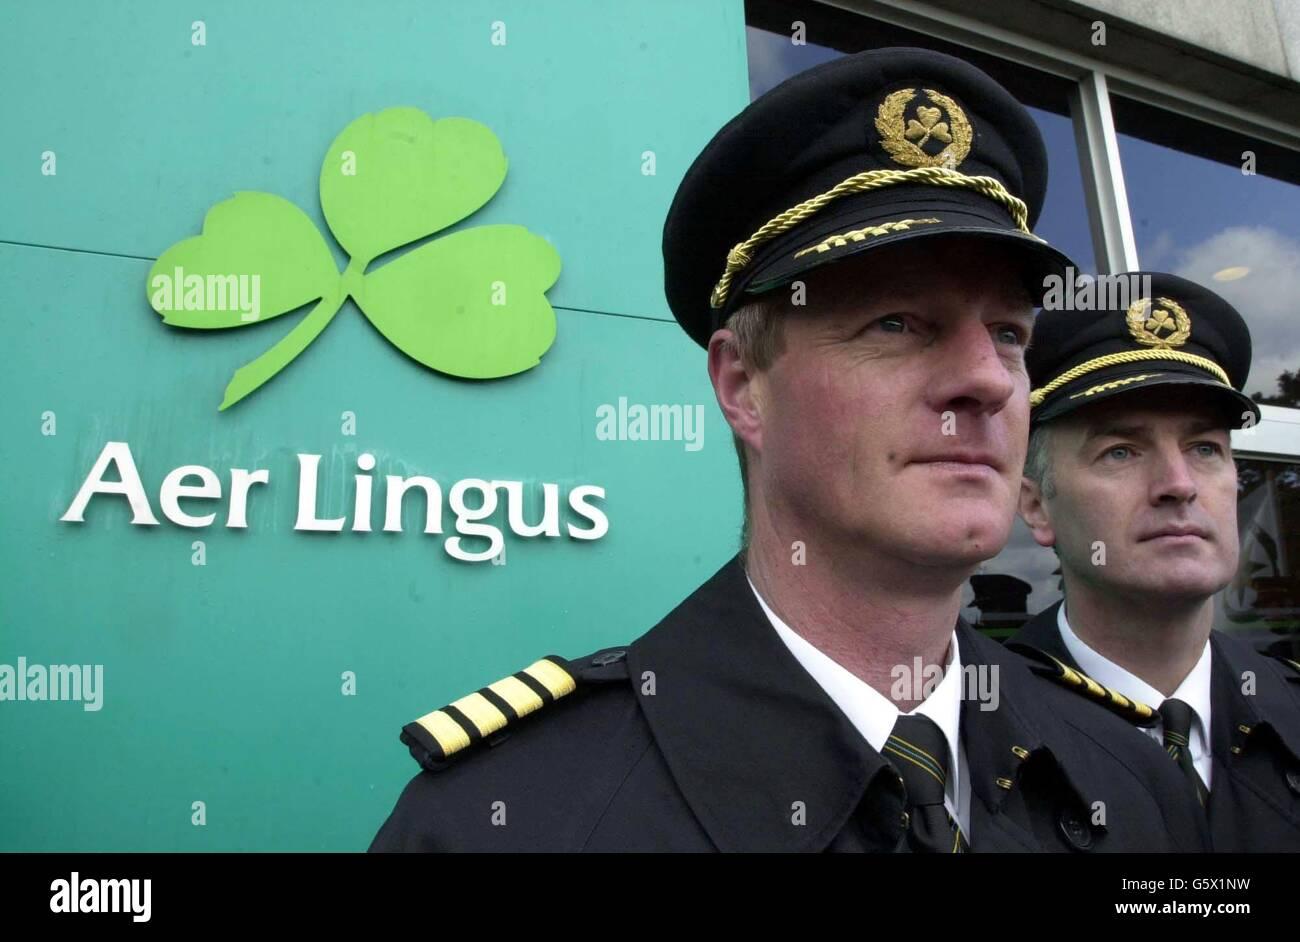 Aer Lingus industrial dispute - Stock Image